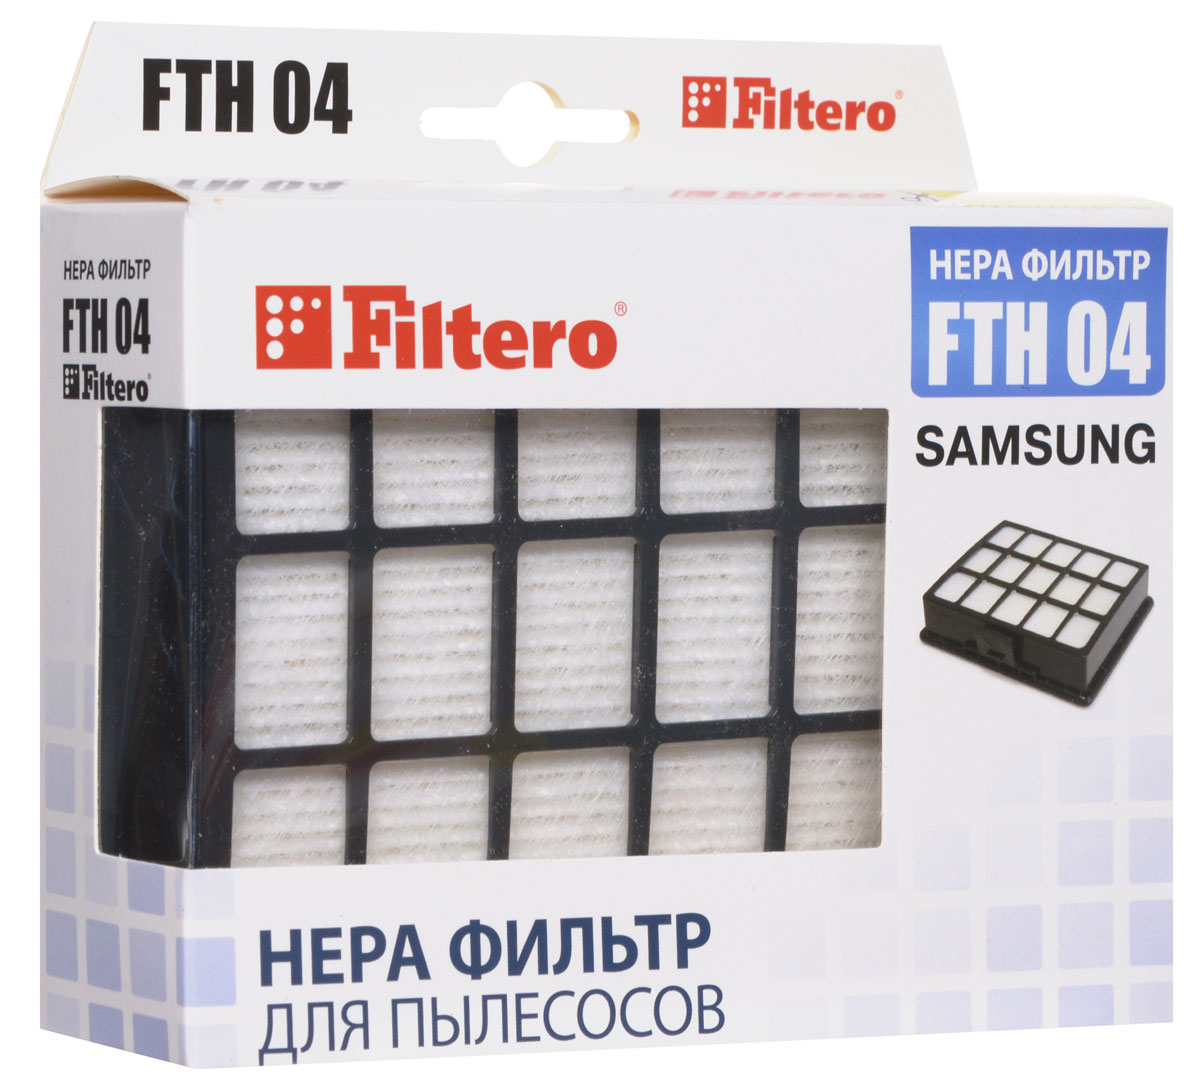 Filtero FTH 04 SAM Hepa-фильтр для Samsung фильтры для пылесосов filtero filtero fth 35 sam hepa фильтр для пылесосов samsung